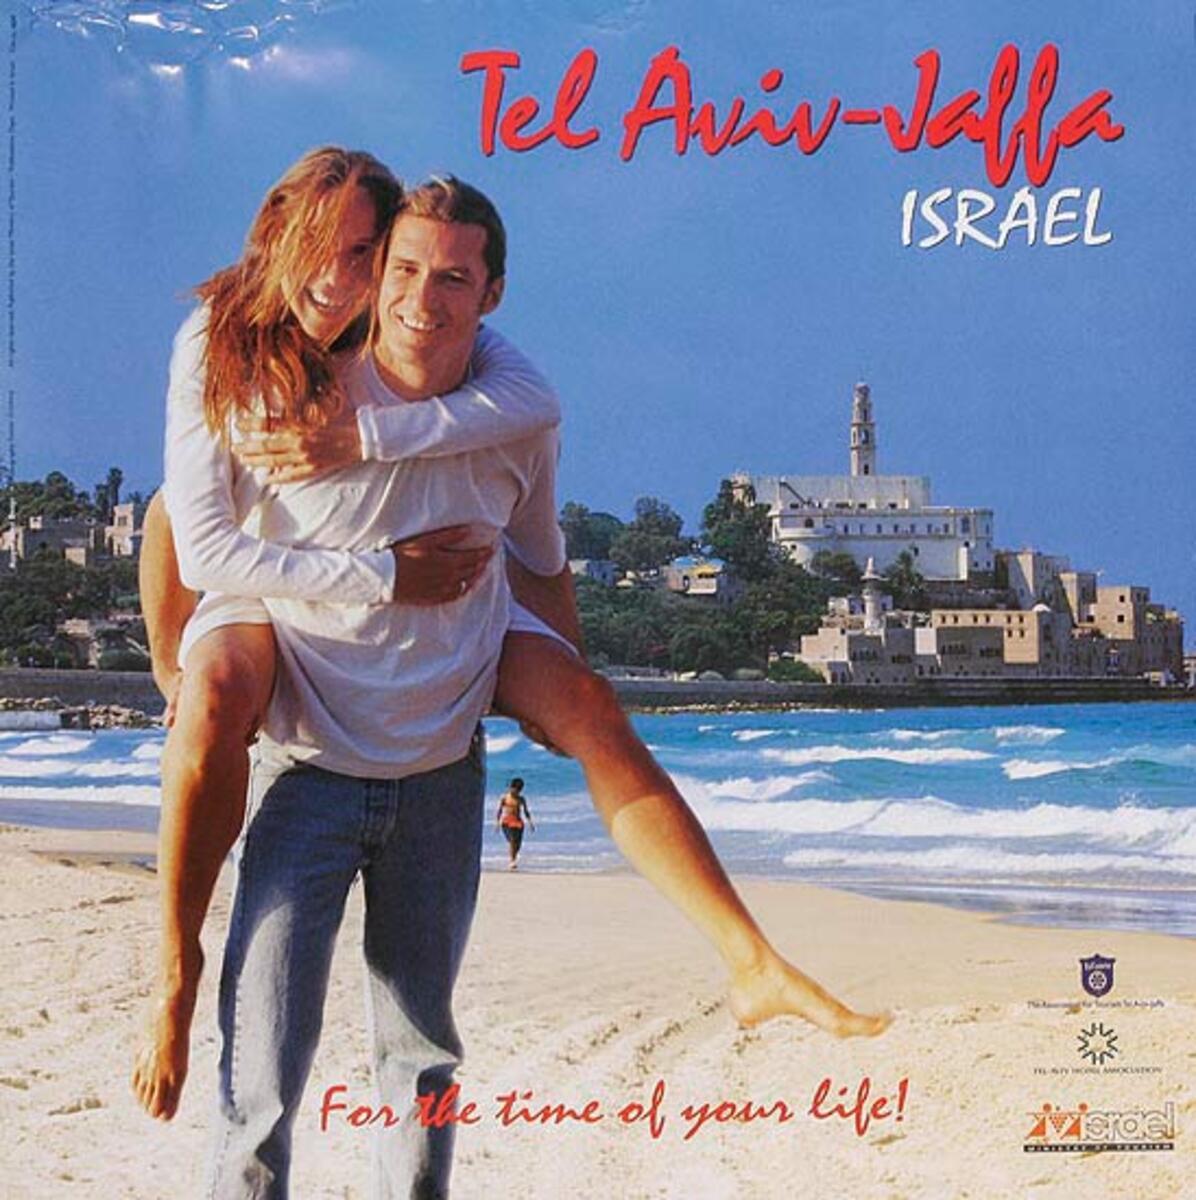 Tel Aviv Jaffa Original Israel Travel Poster